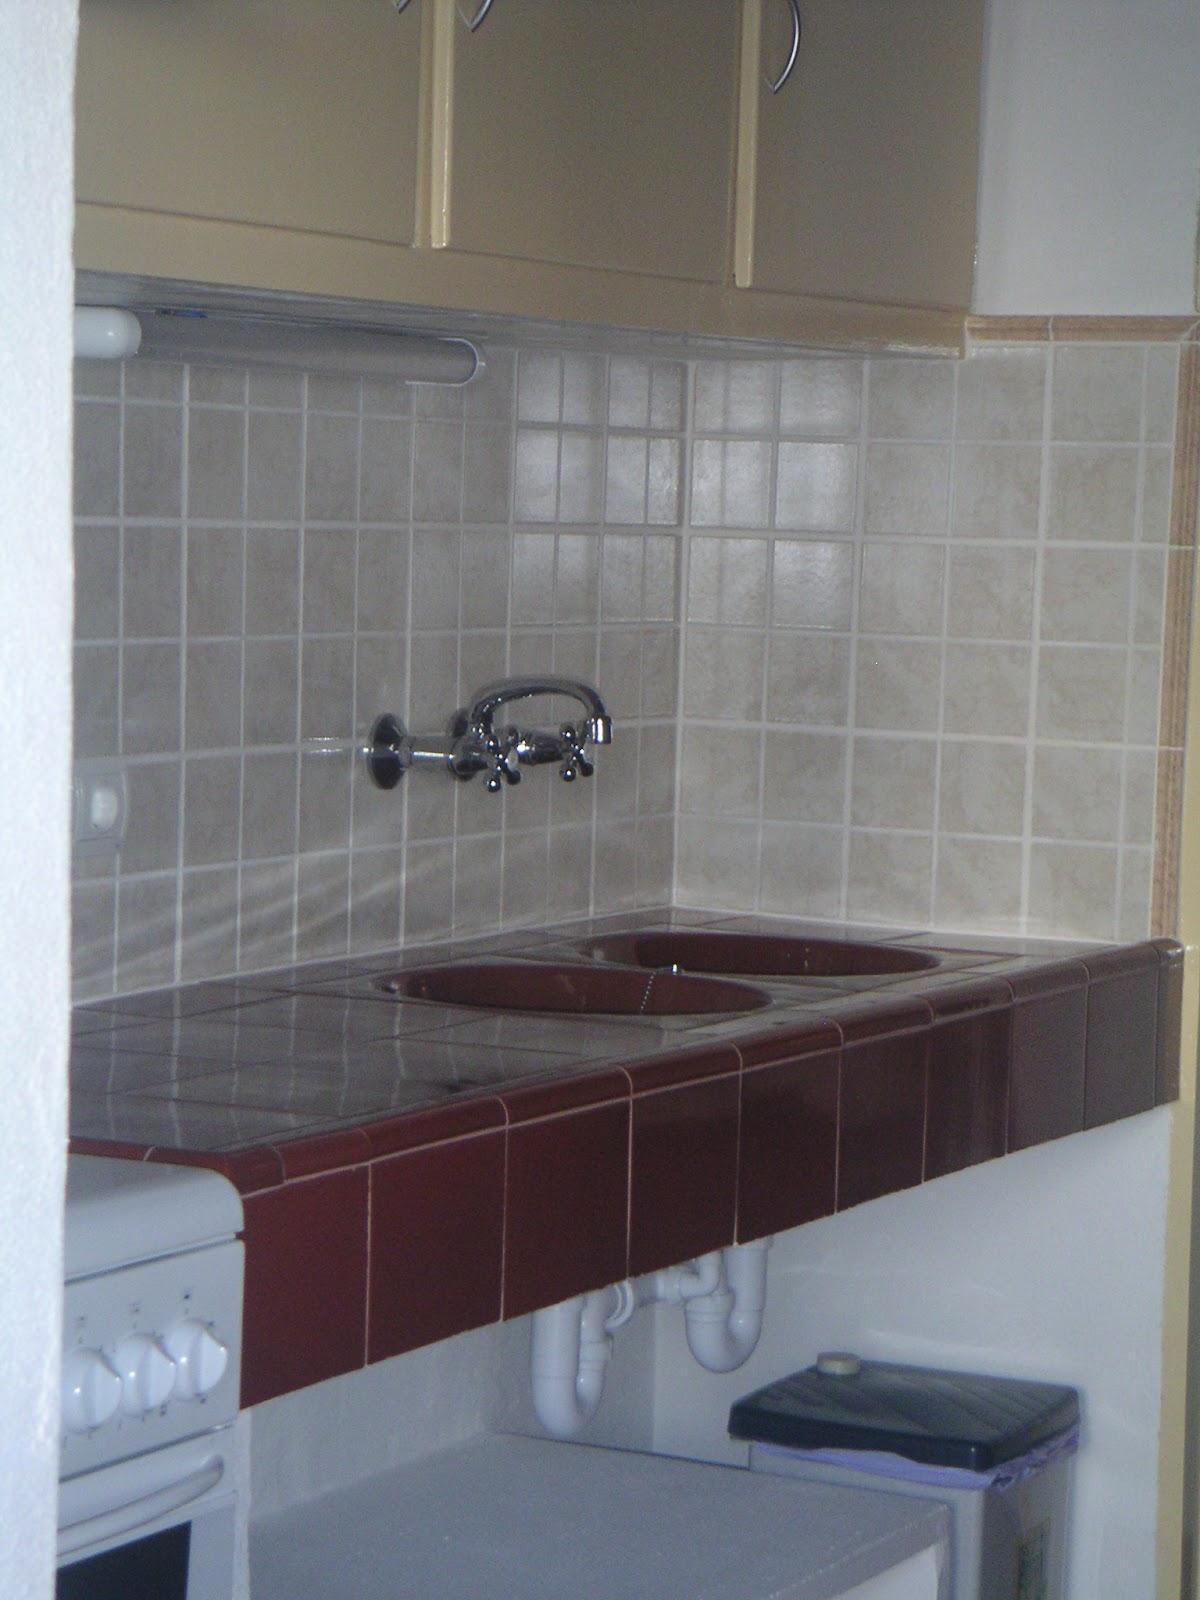 Isla de la cocina la profundidad con lavabo - Lavabo para cocina ...